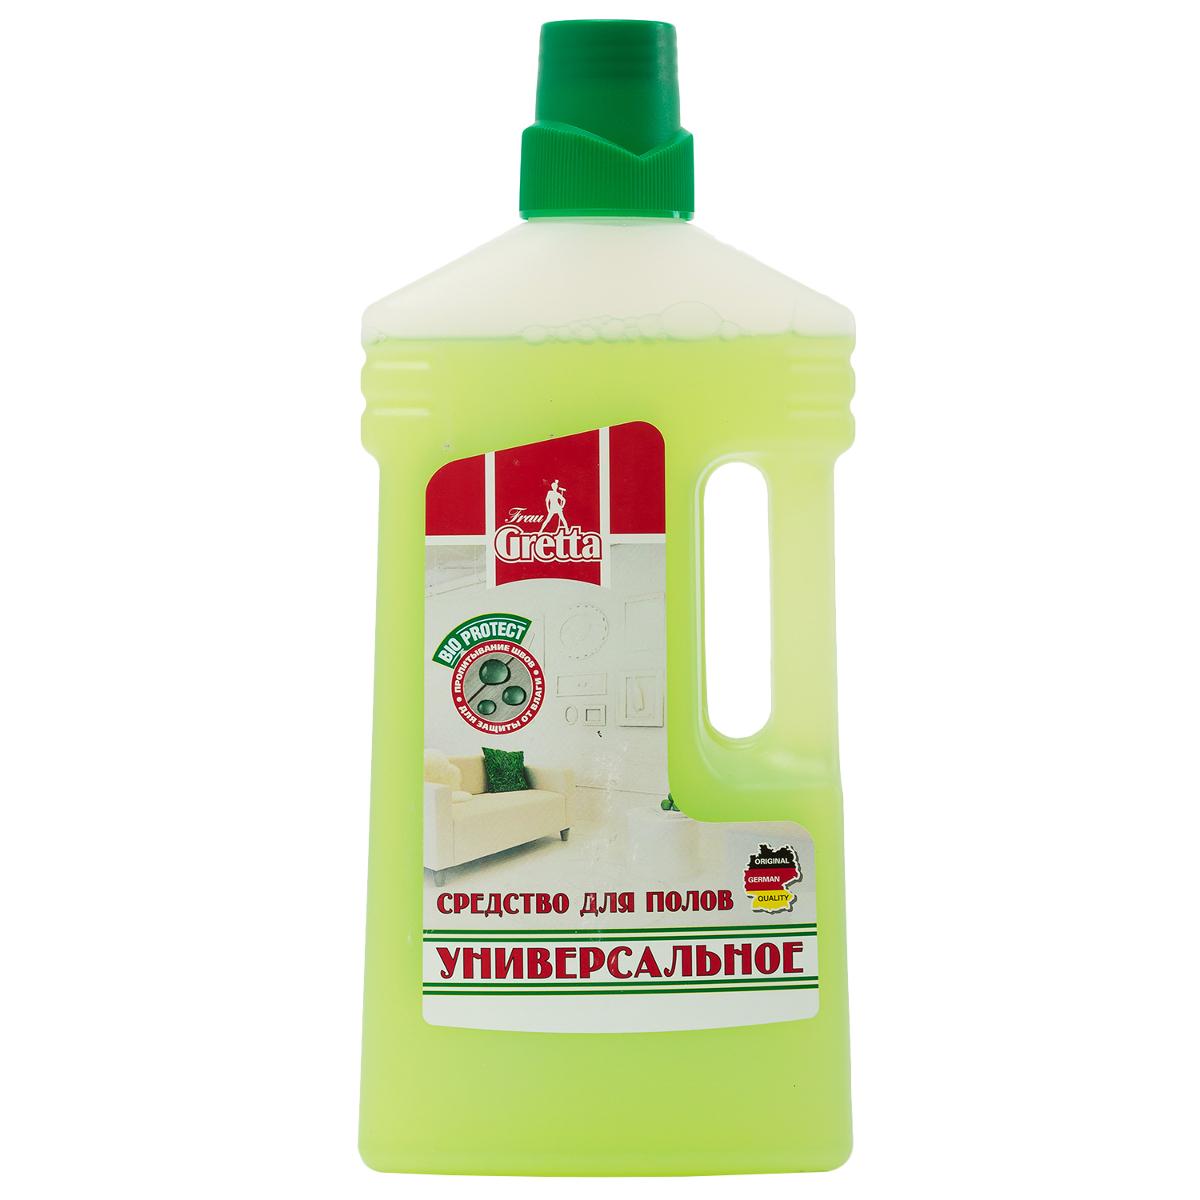 Предназначено для основательной очистки и ухода за любыми паркетными, деревянными поверхностями (лакированными и лессированными) и линолеумом. Сферы применения: паркет, двери, деревянные панели и лестницы и так далее.  Средство не содержит воска, таким образом, в процессе его применения образуется только тонкий водорастворимый слой, защищающий поверхность от проникновения грязи, и облегчающий последующую уборку. Входящее в состав парафиновое масло обеспечивает дополнительный уход за паркетом и подчеркивает его фактуру, не требуется дальнейшего нанесения средства для придания блеска . Масло создает защитную пленку на поверхности, предохраняя покрытие от загрязнения и предотвращает появление микротрещин. При регулярном использовании срок службы пола увеличивается в несколько раз.